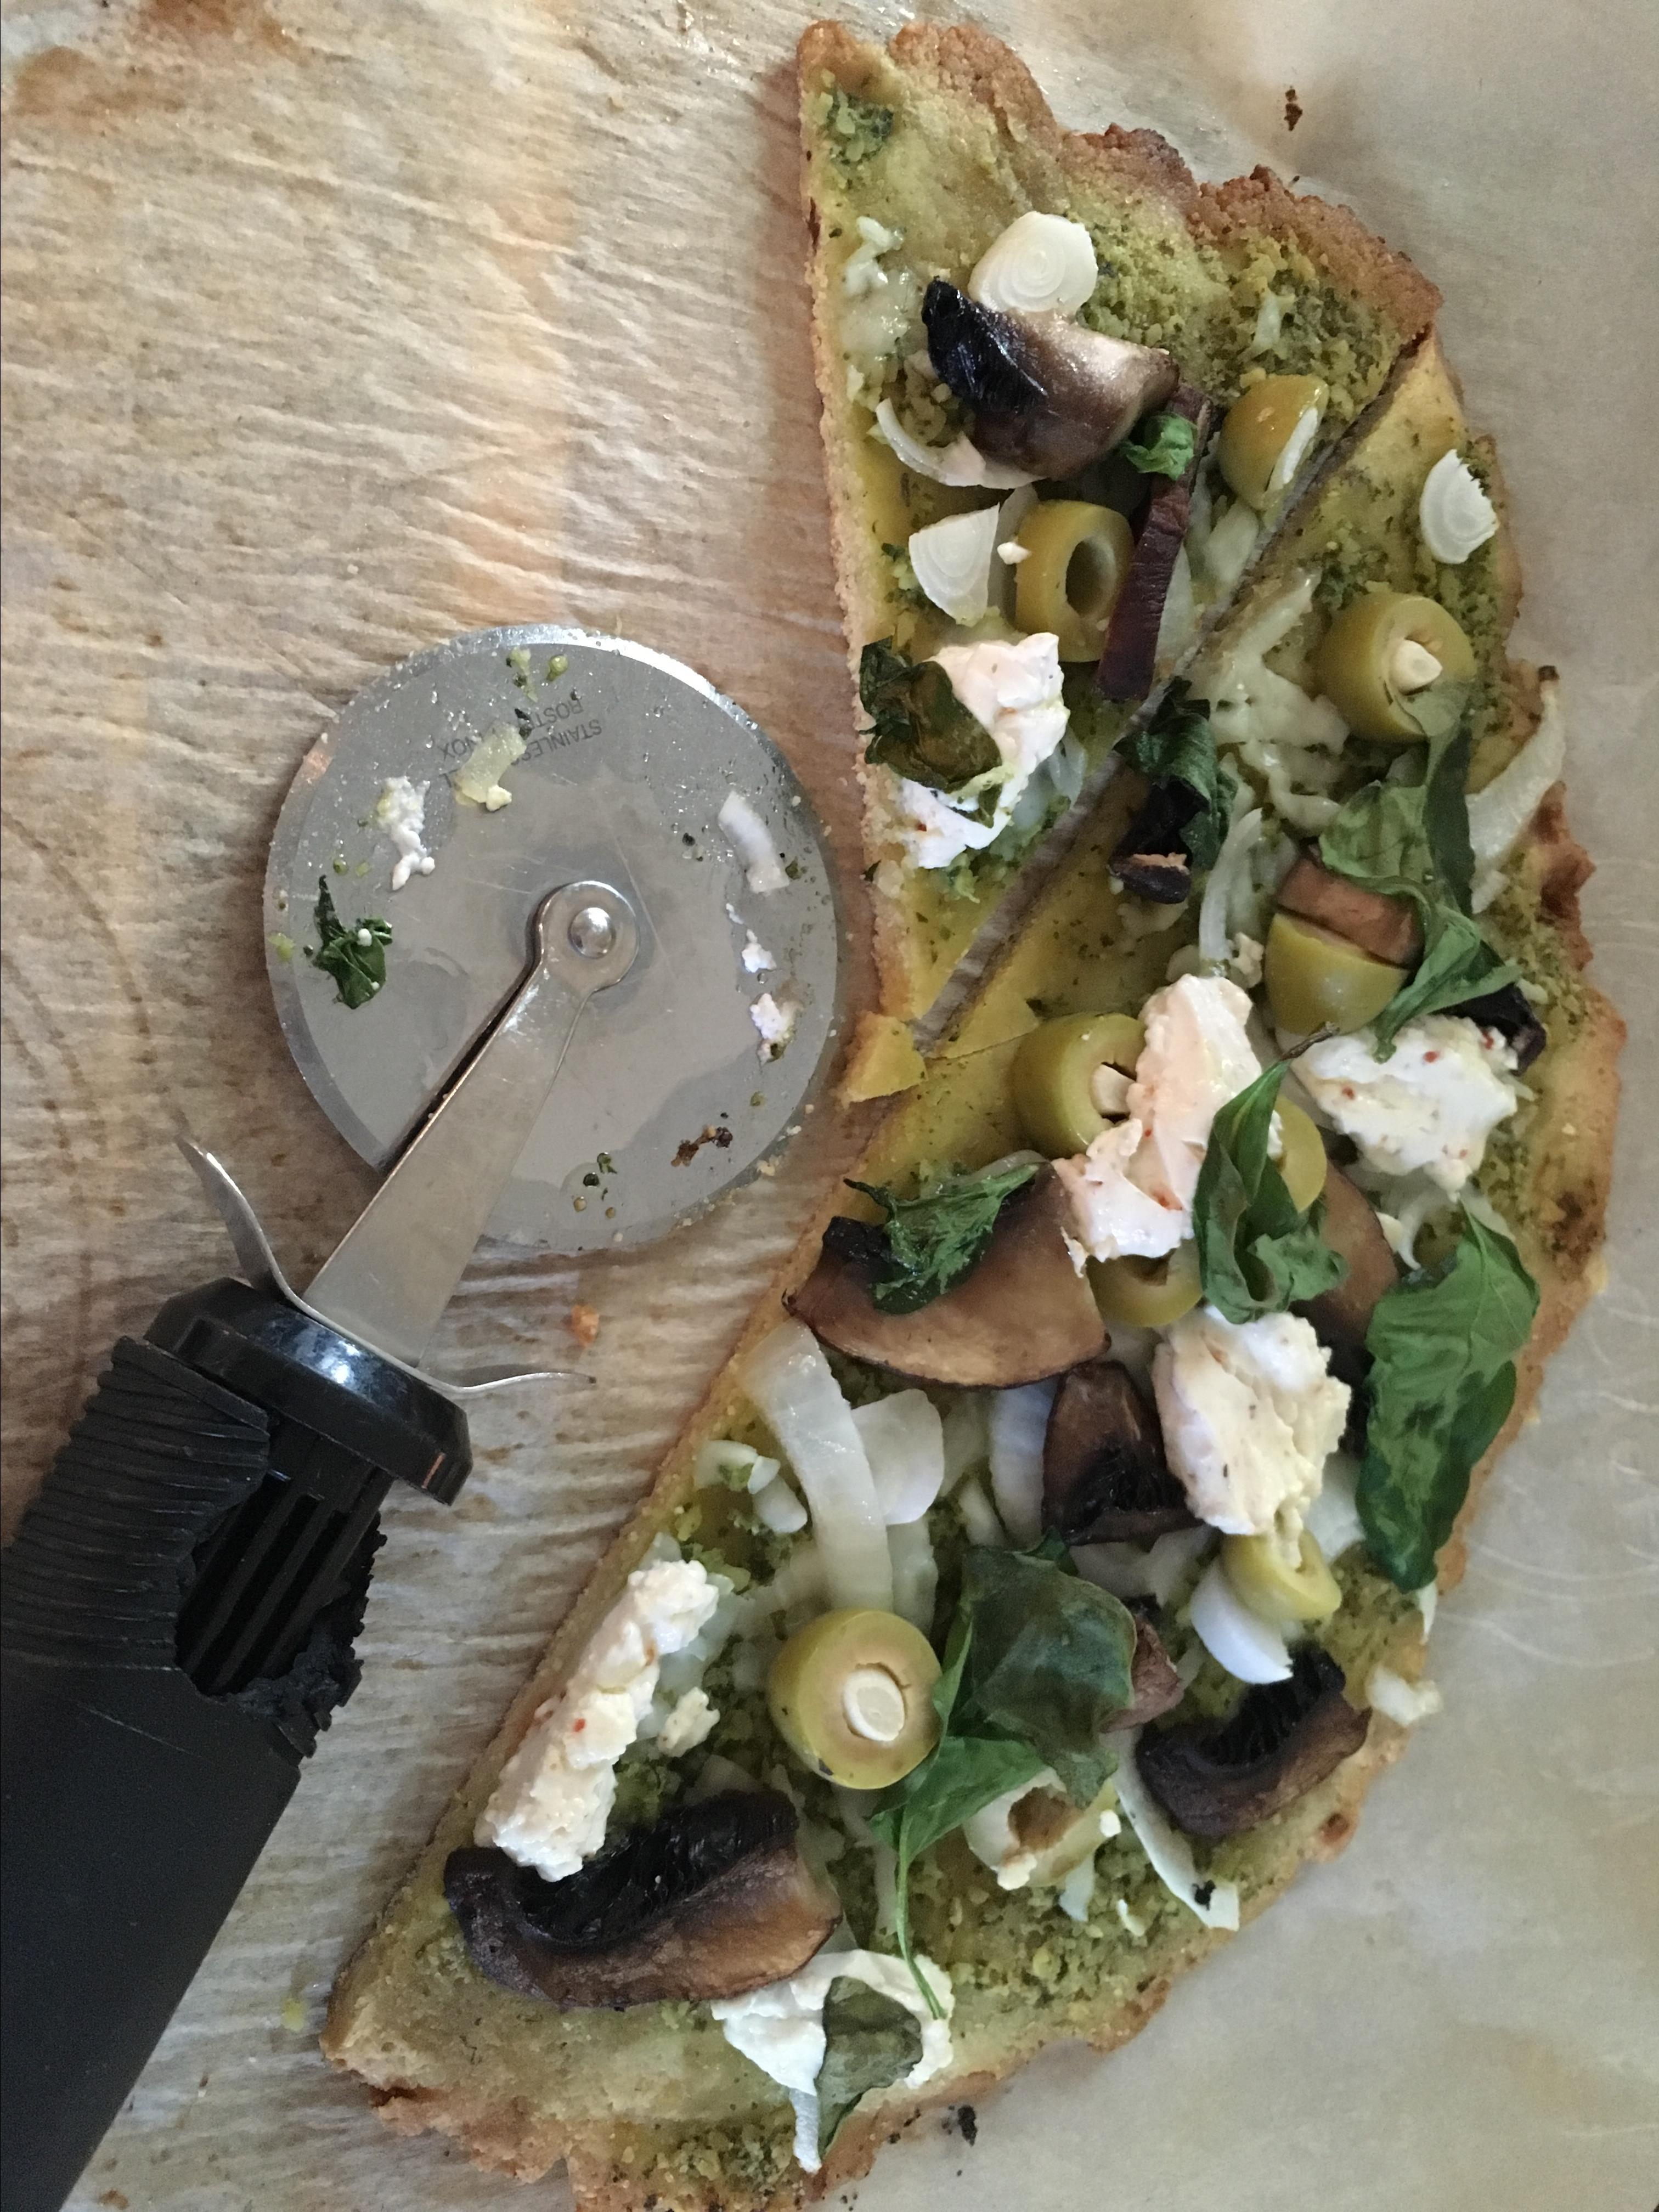 6-Ingredient Gluten-Free Paleo Pizza Crust